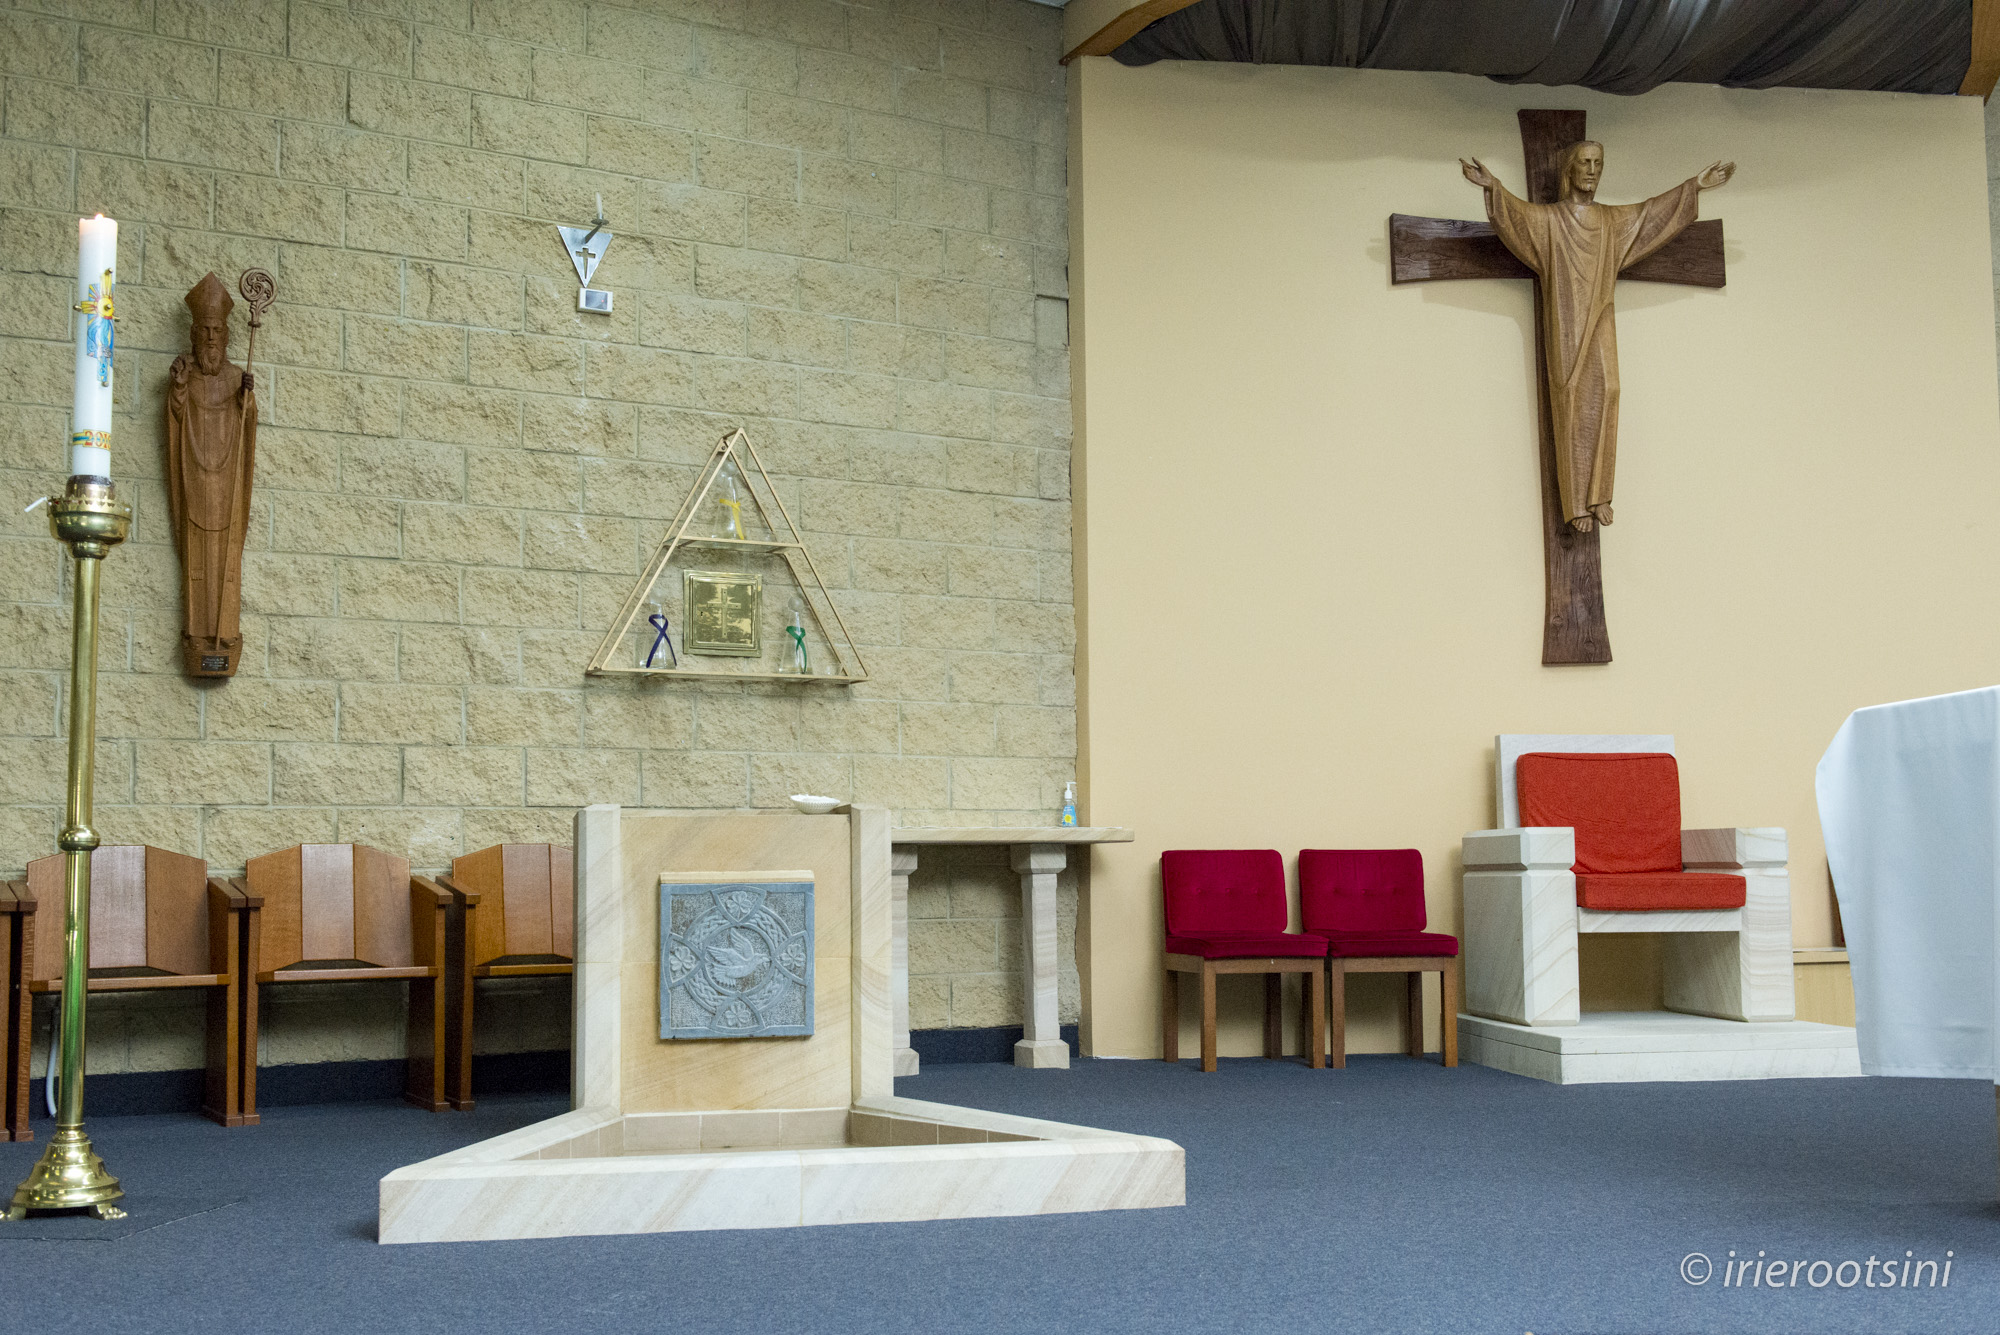 St. Patrick's Church Baptism Altar